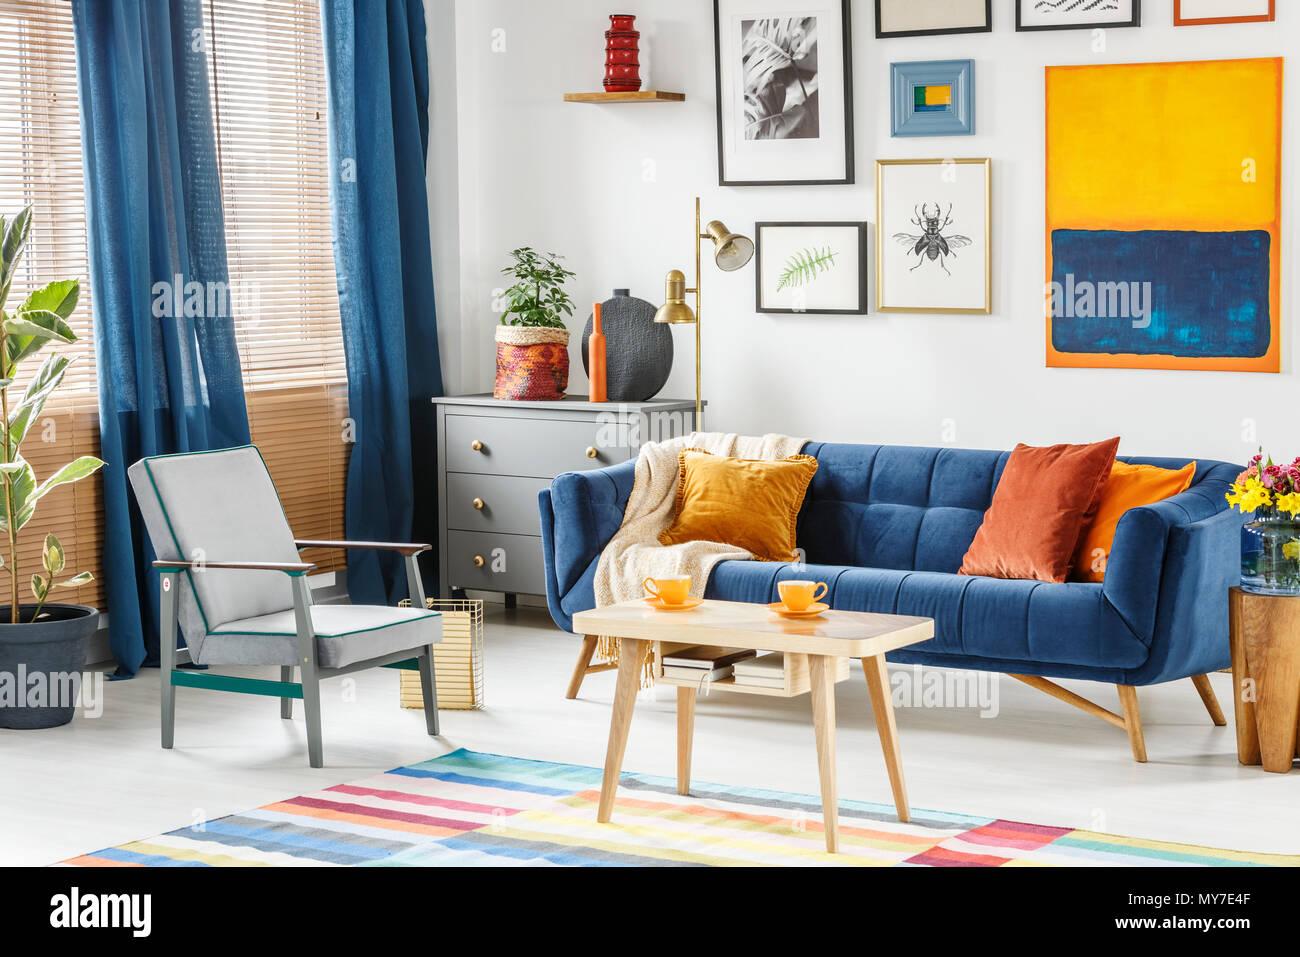 Die Hellen Und Gemutlichen Wohnzimmer Innenraum Mit Blauen Vorhangen